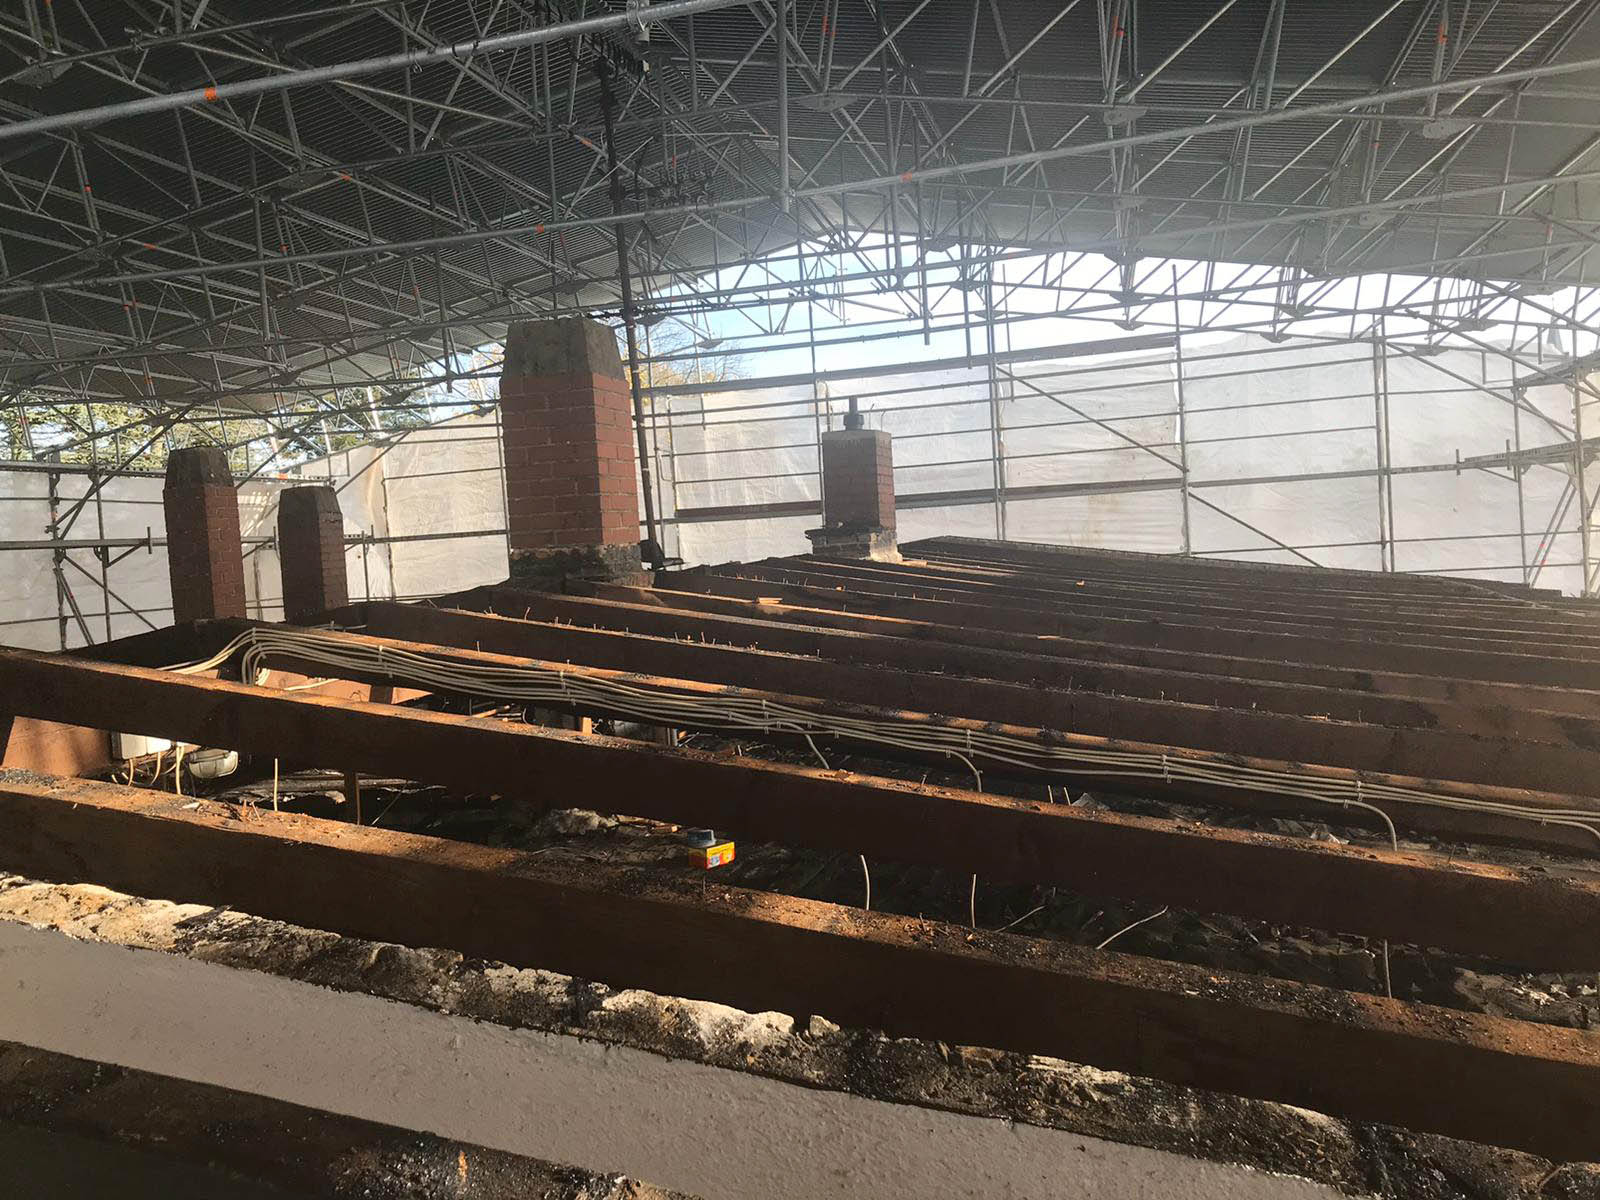 Sanierung eines denkmalgeschützten Gebäudes mit Wetterschutzdach.